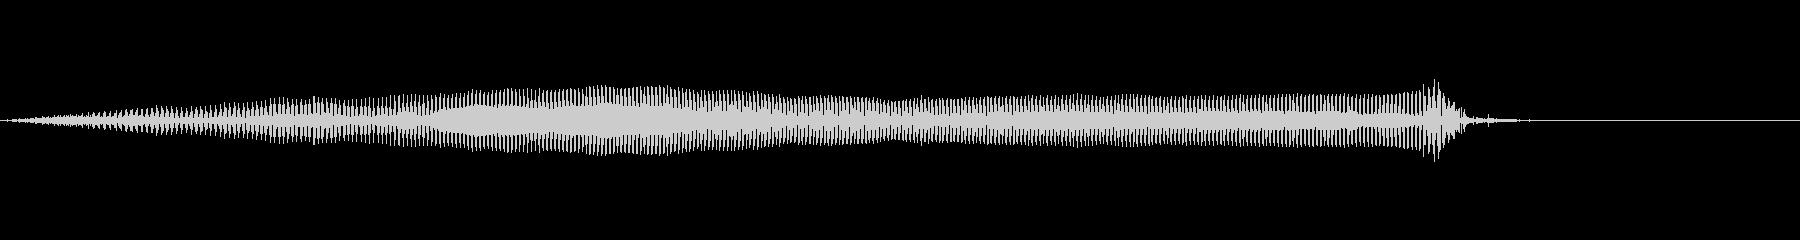 猫鳴き声の未再生の波形